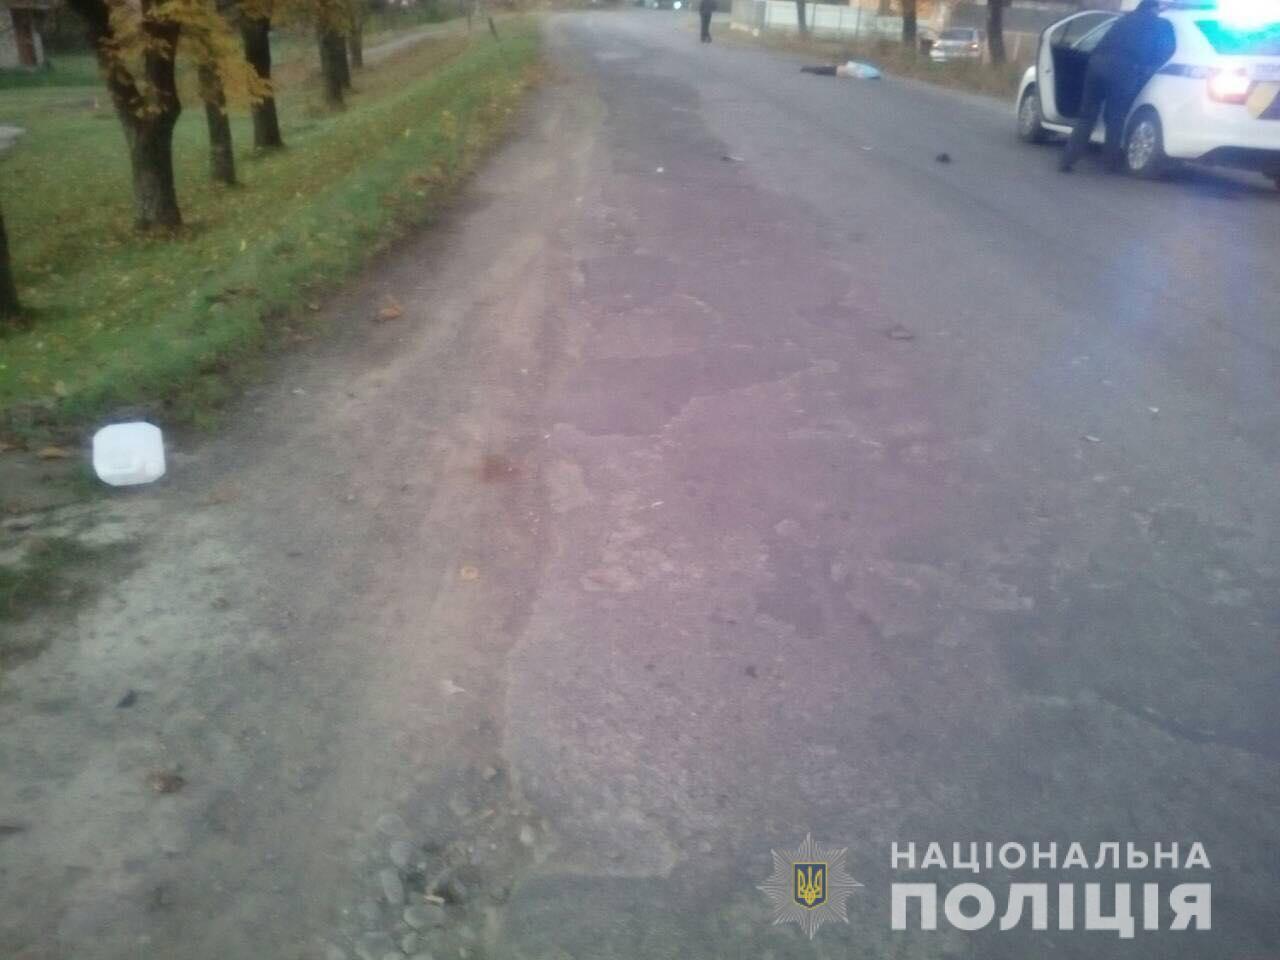 Прокуратура скерувала до суду обвинувальний акт стосовно юнака, який обвинувачується у скоєнні смертельного ДТП у селі Вільхівці